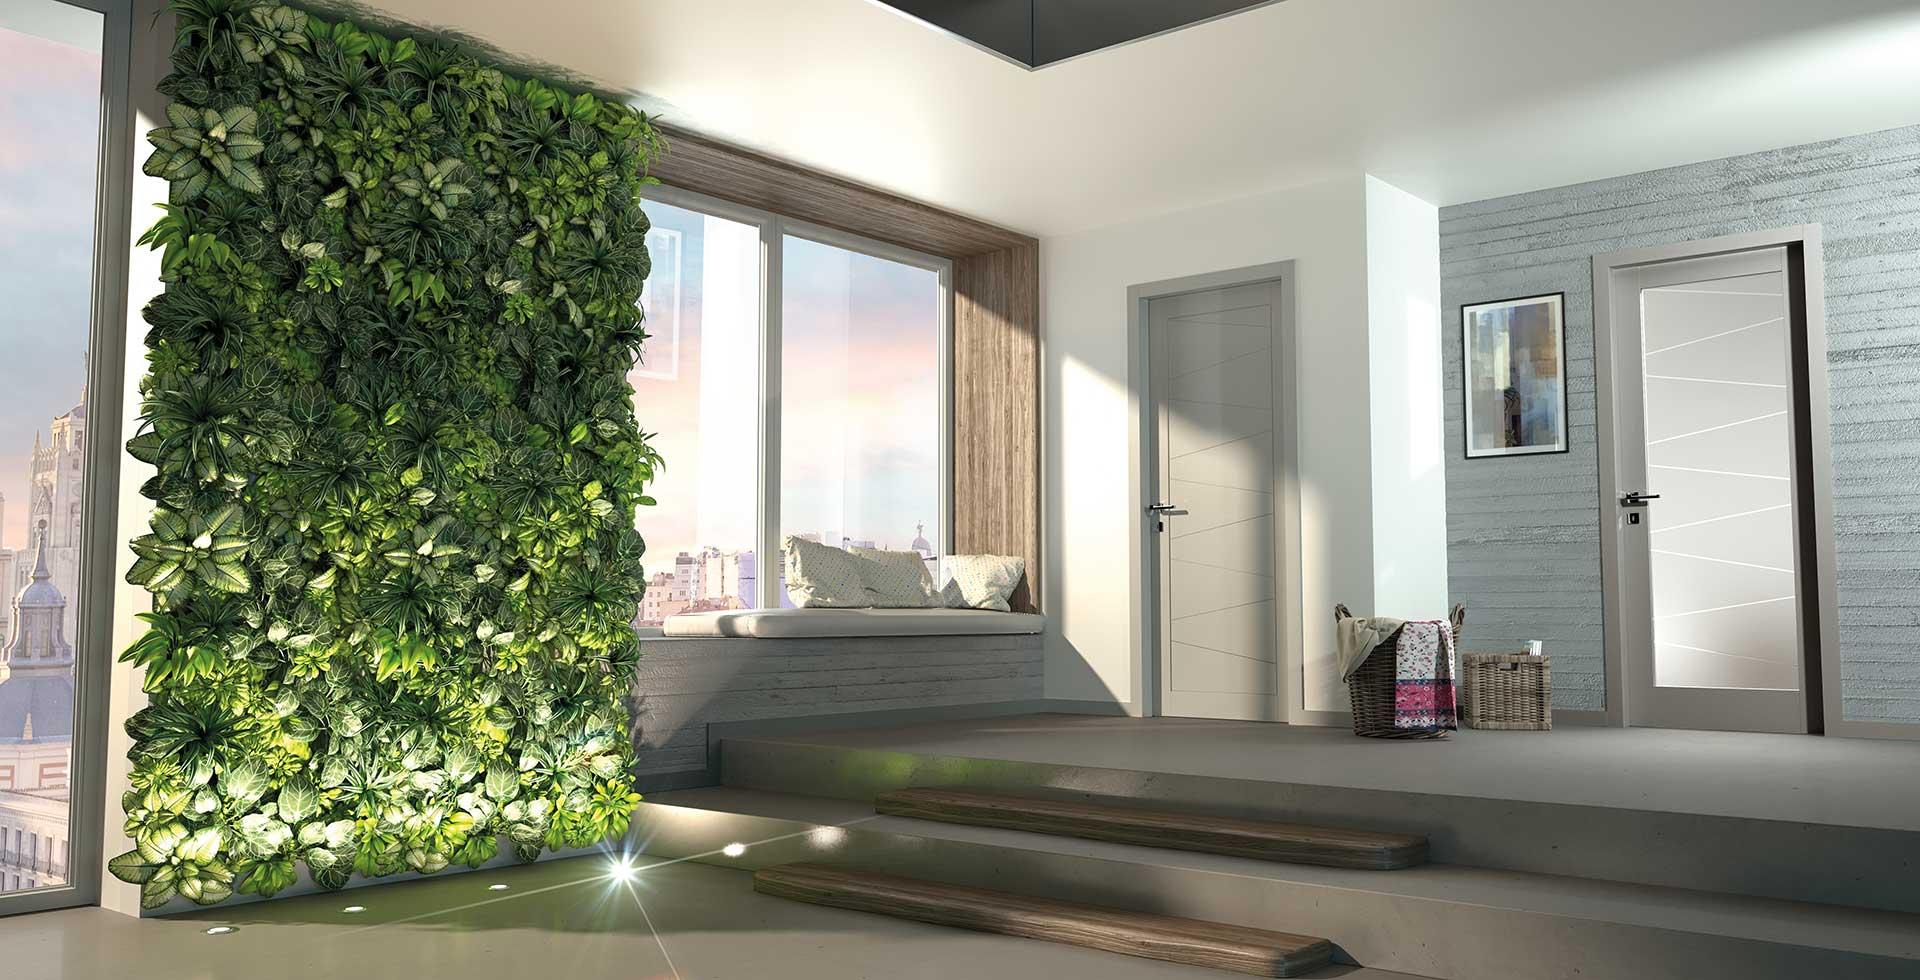 Porte Per Interni Prezzi Foggia porte per interni flessya - laminato, legno | tecnoinfissi